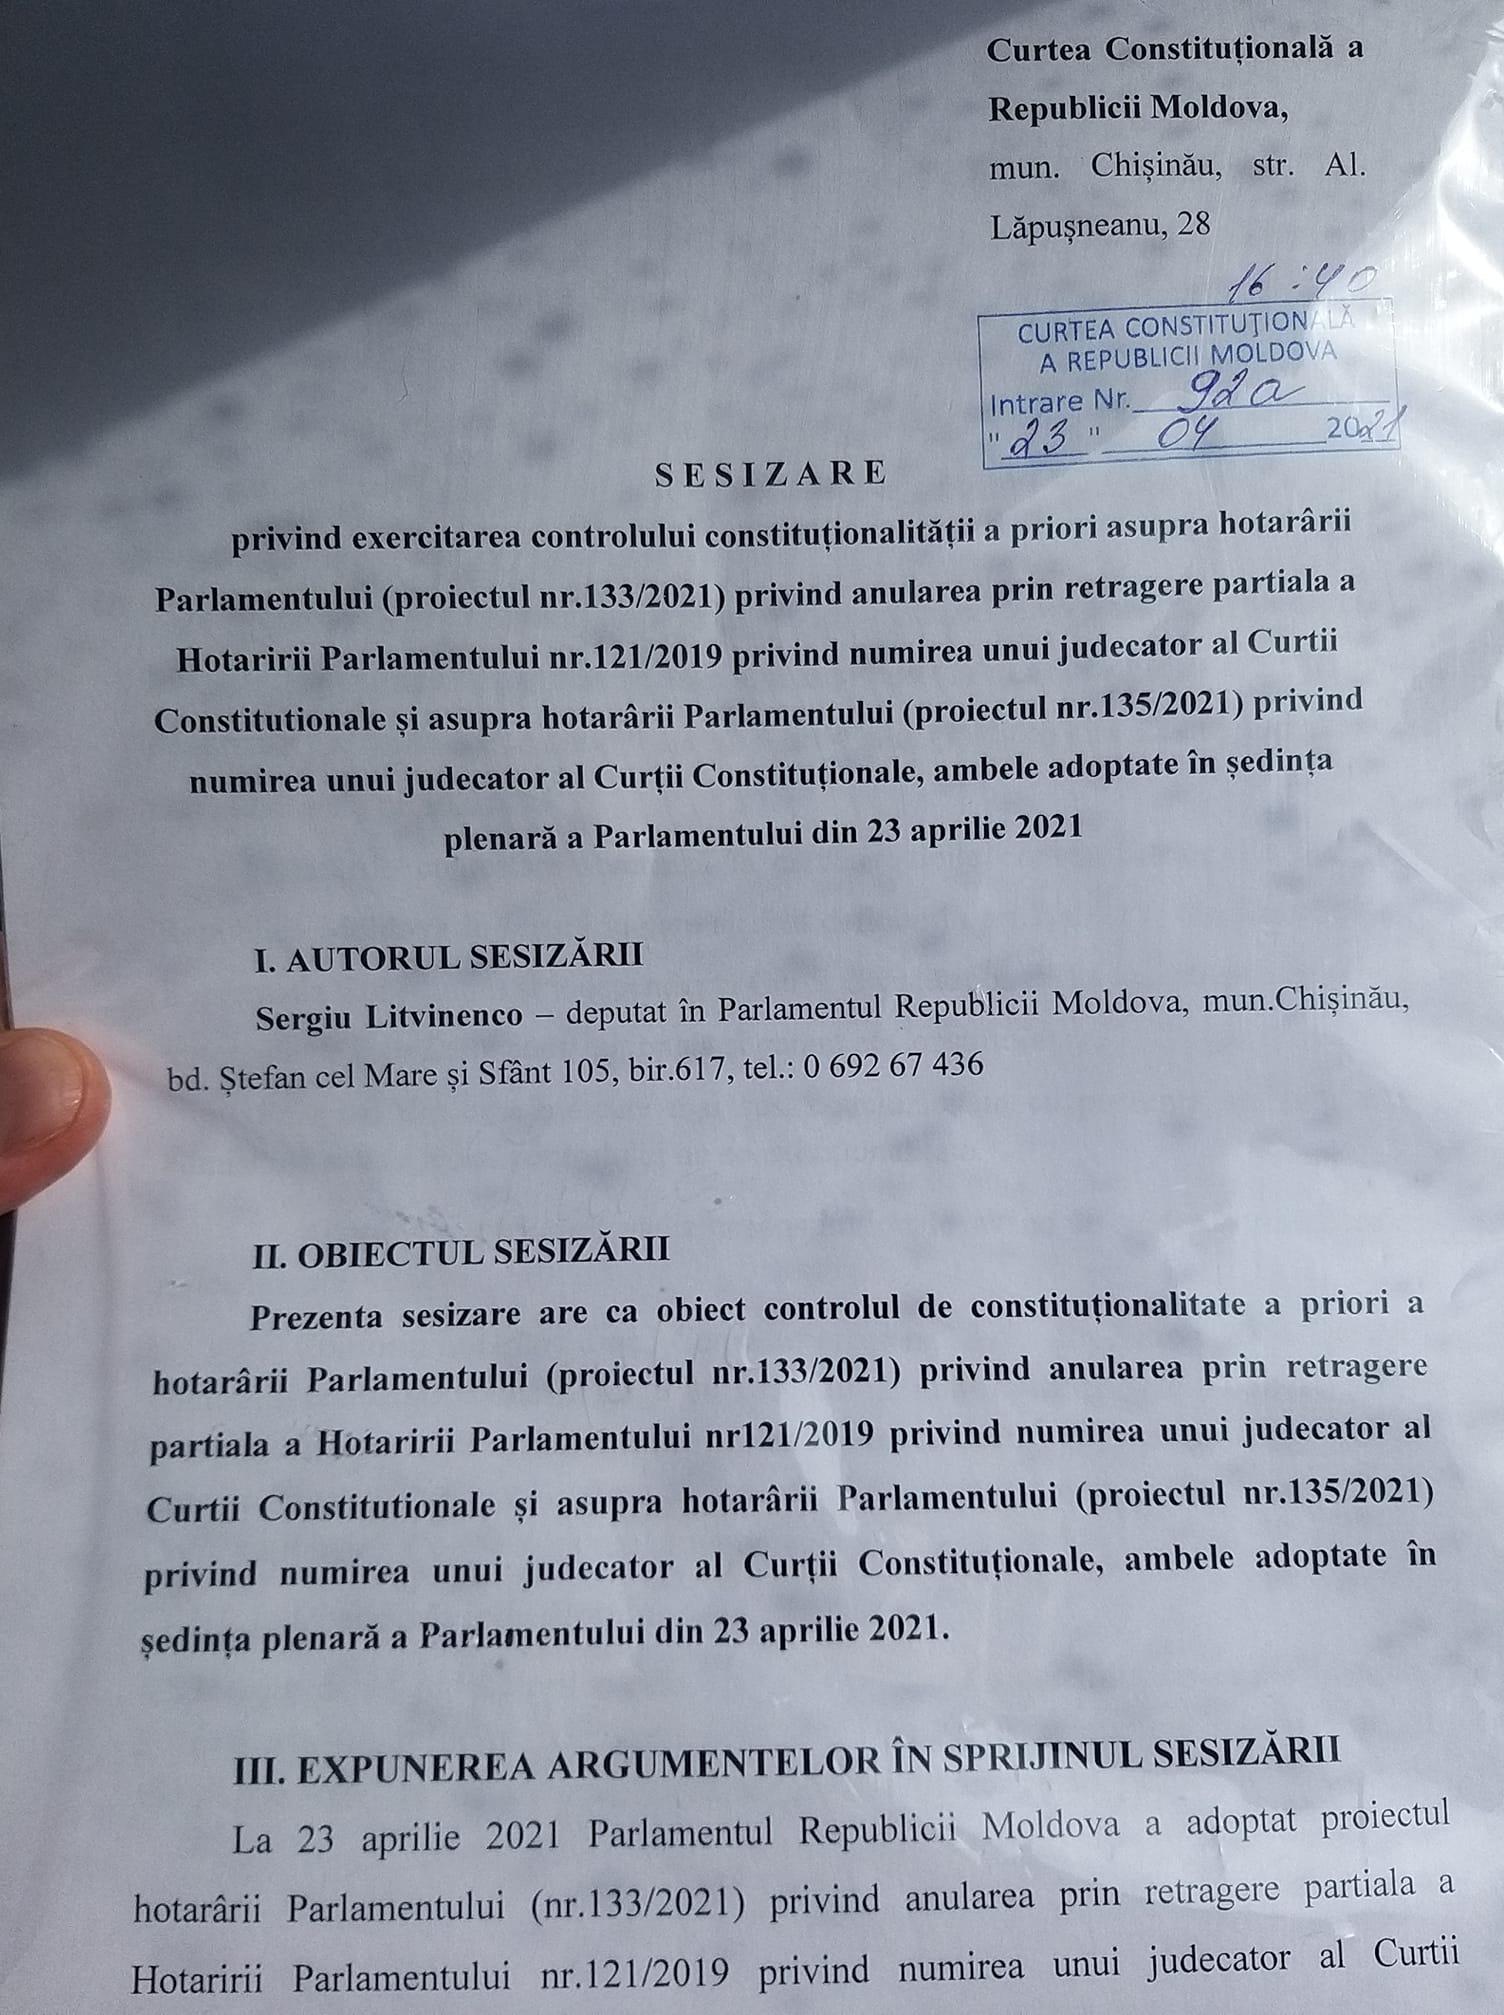 PAS a contestat la Curtea Constituțională revocarea din funcție a Domnicăi Manole și numirea altui judecător